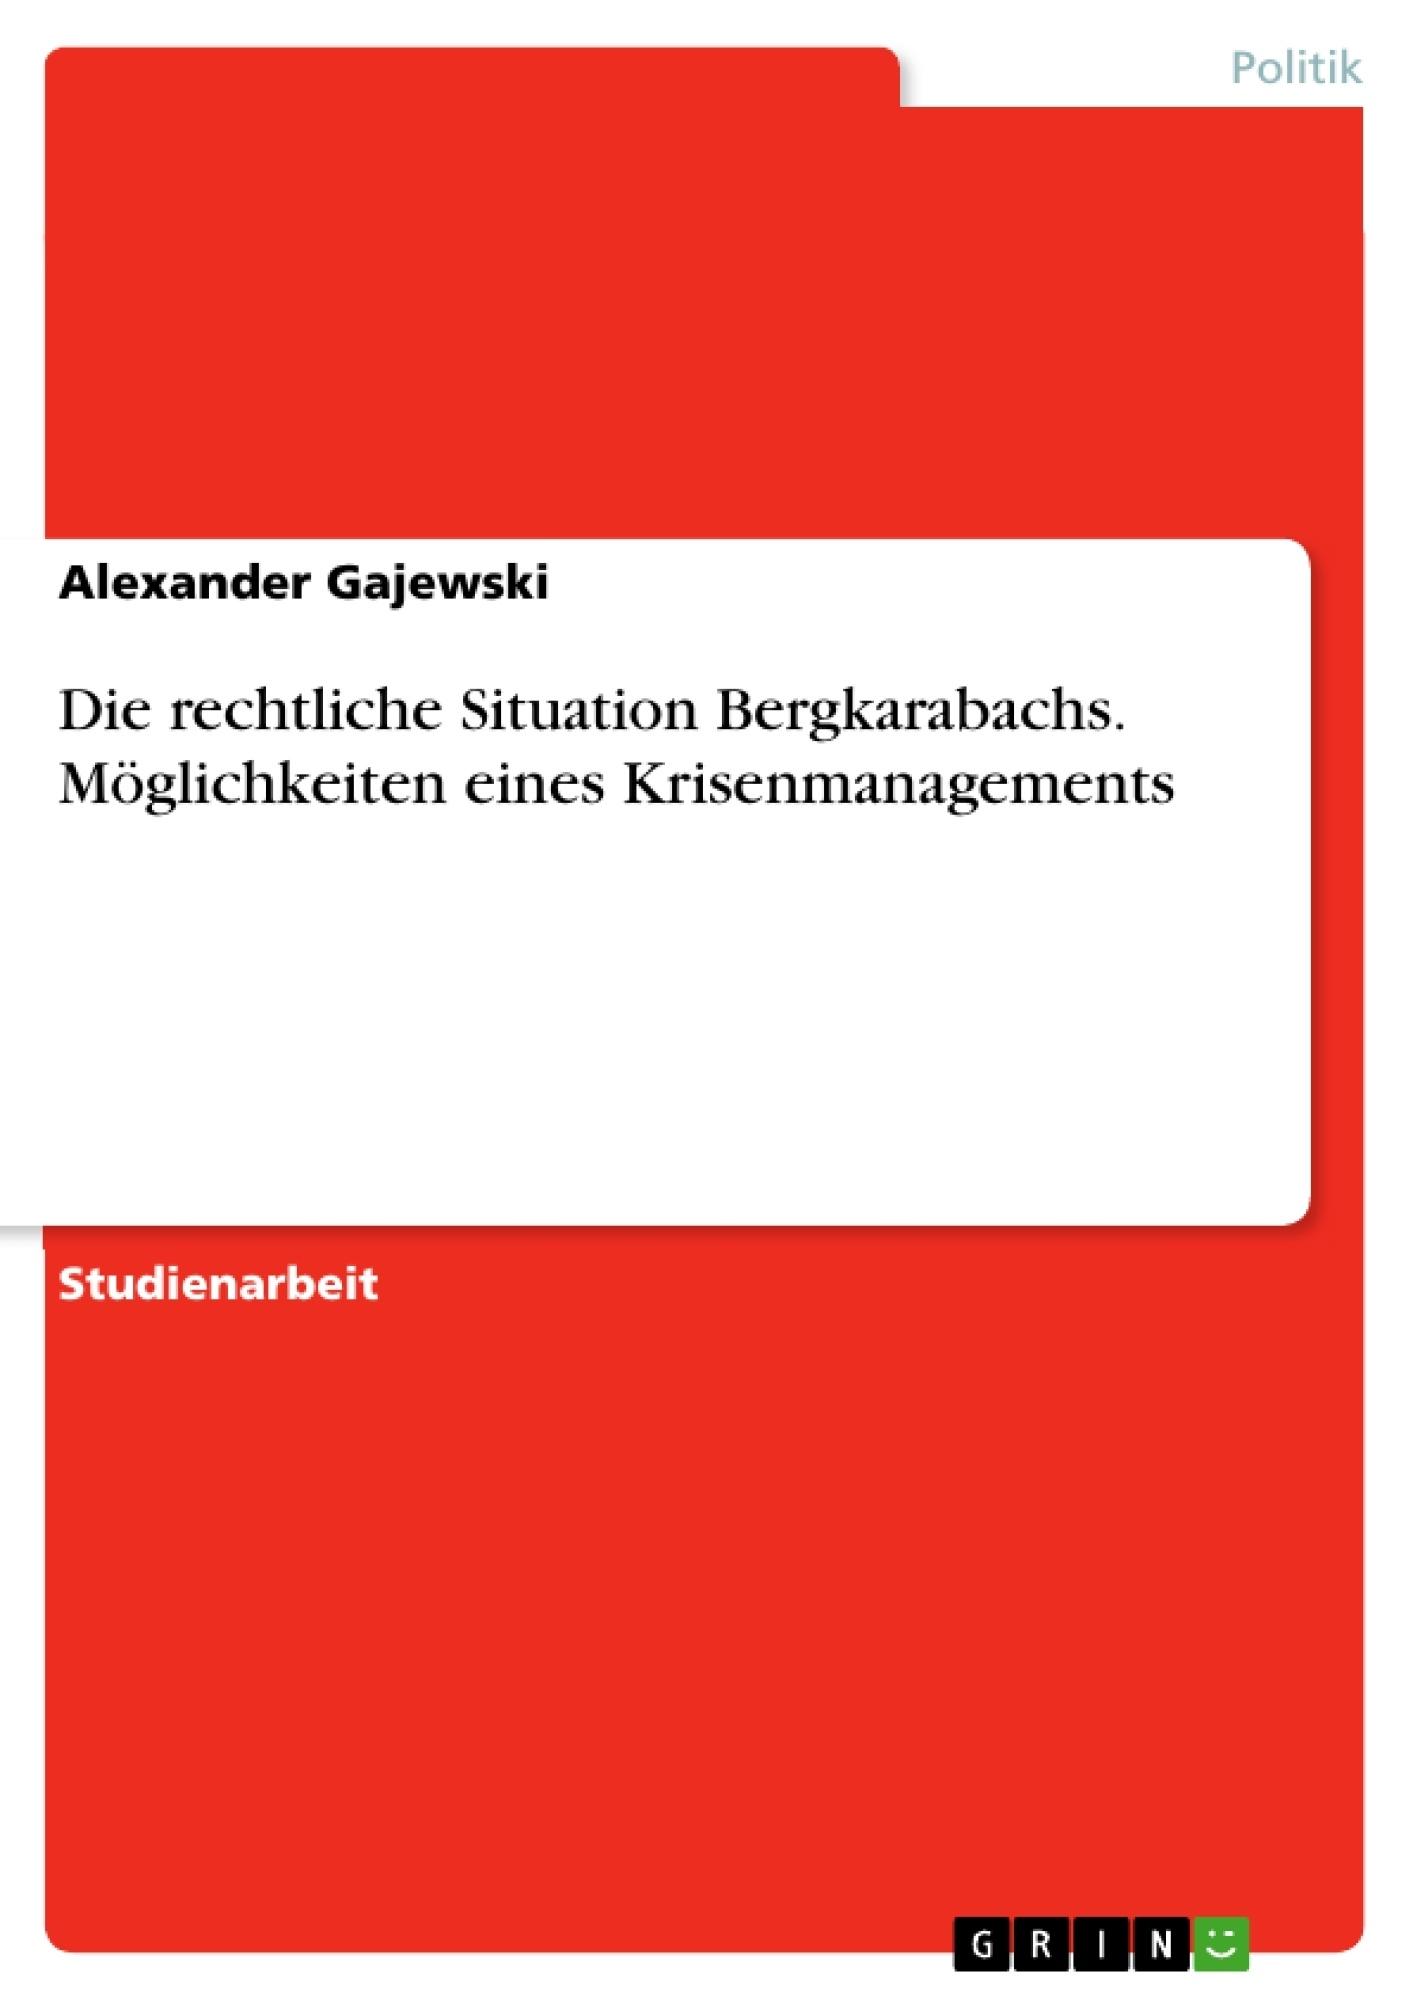 Titel: Die rechtliche Situation Bergkarabachs. Möglichkeiten eines Krisenmanagements